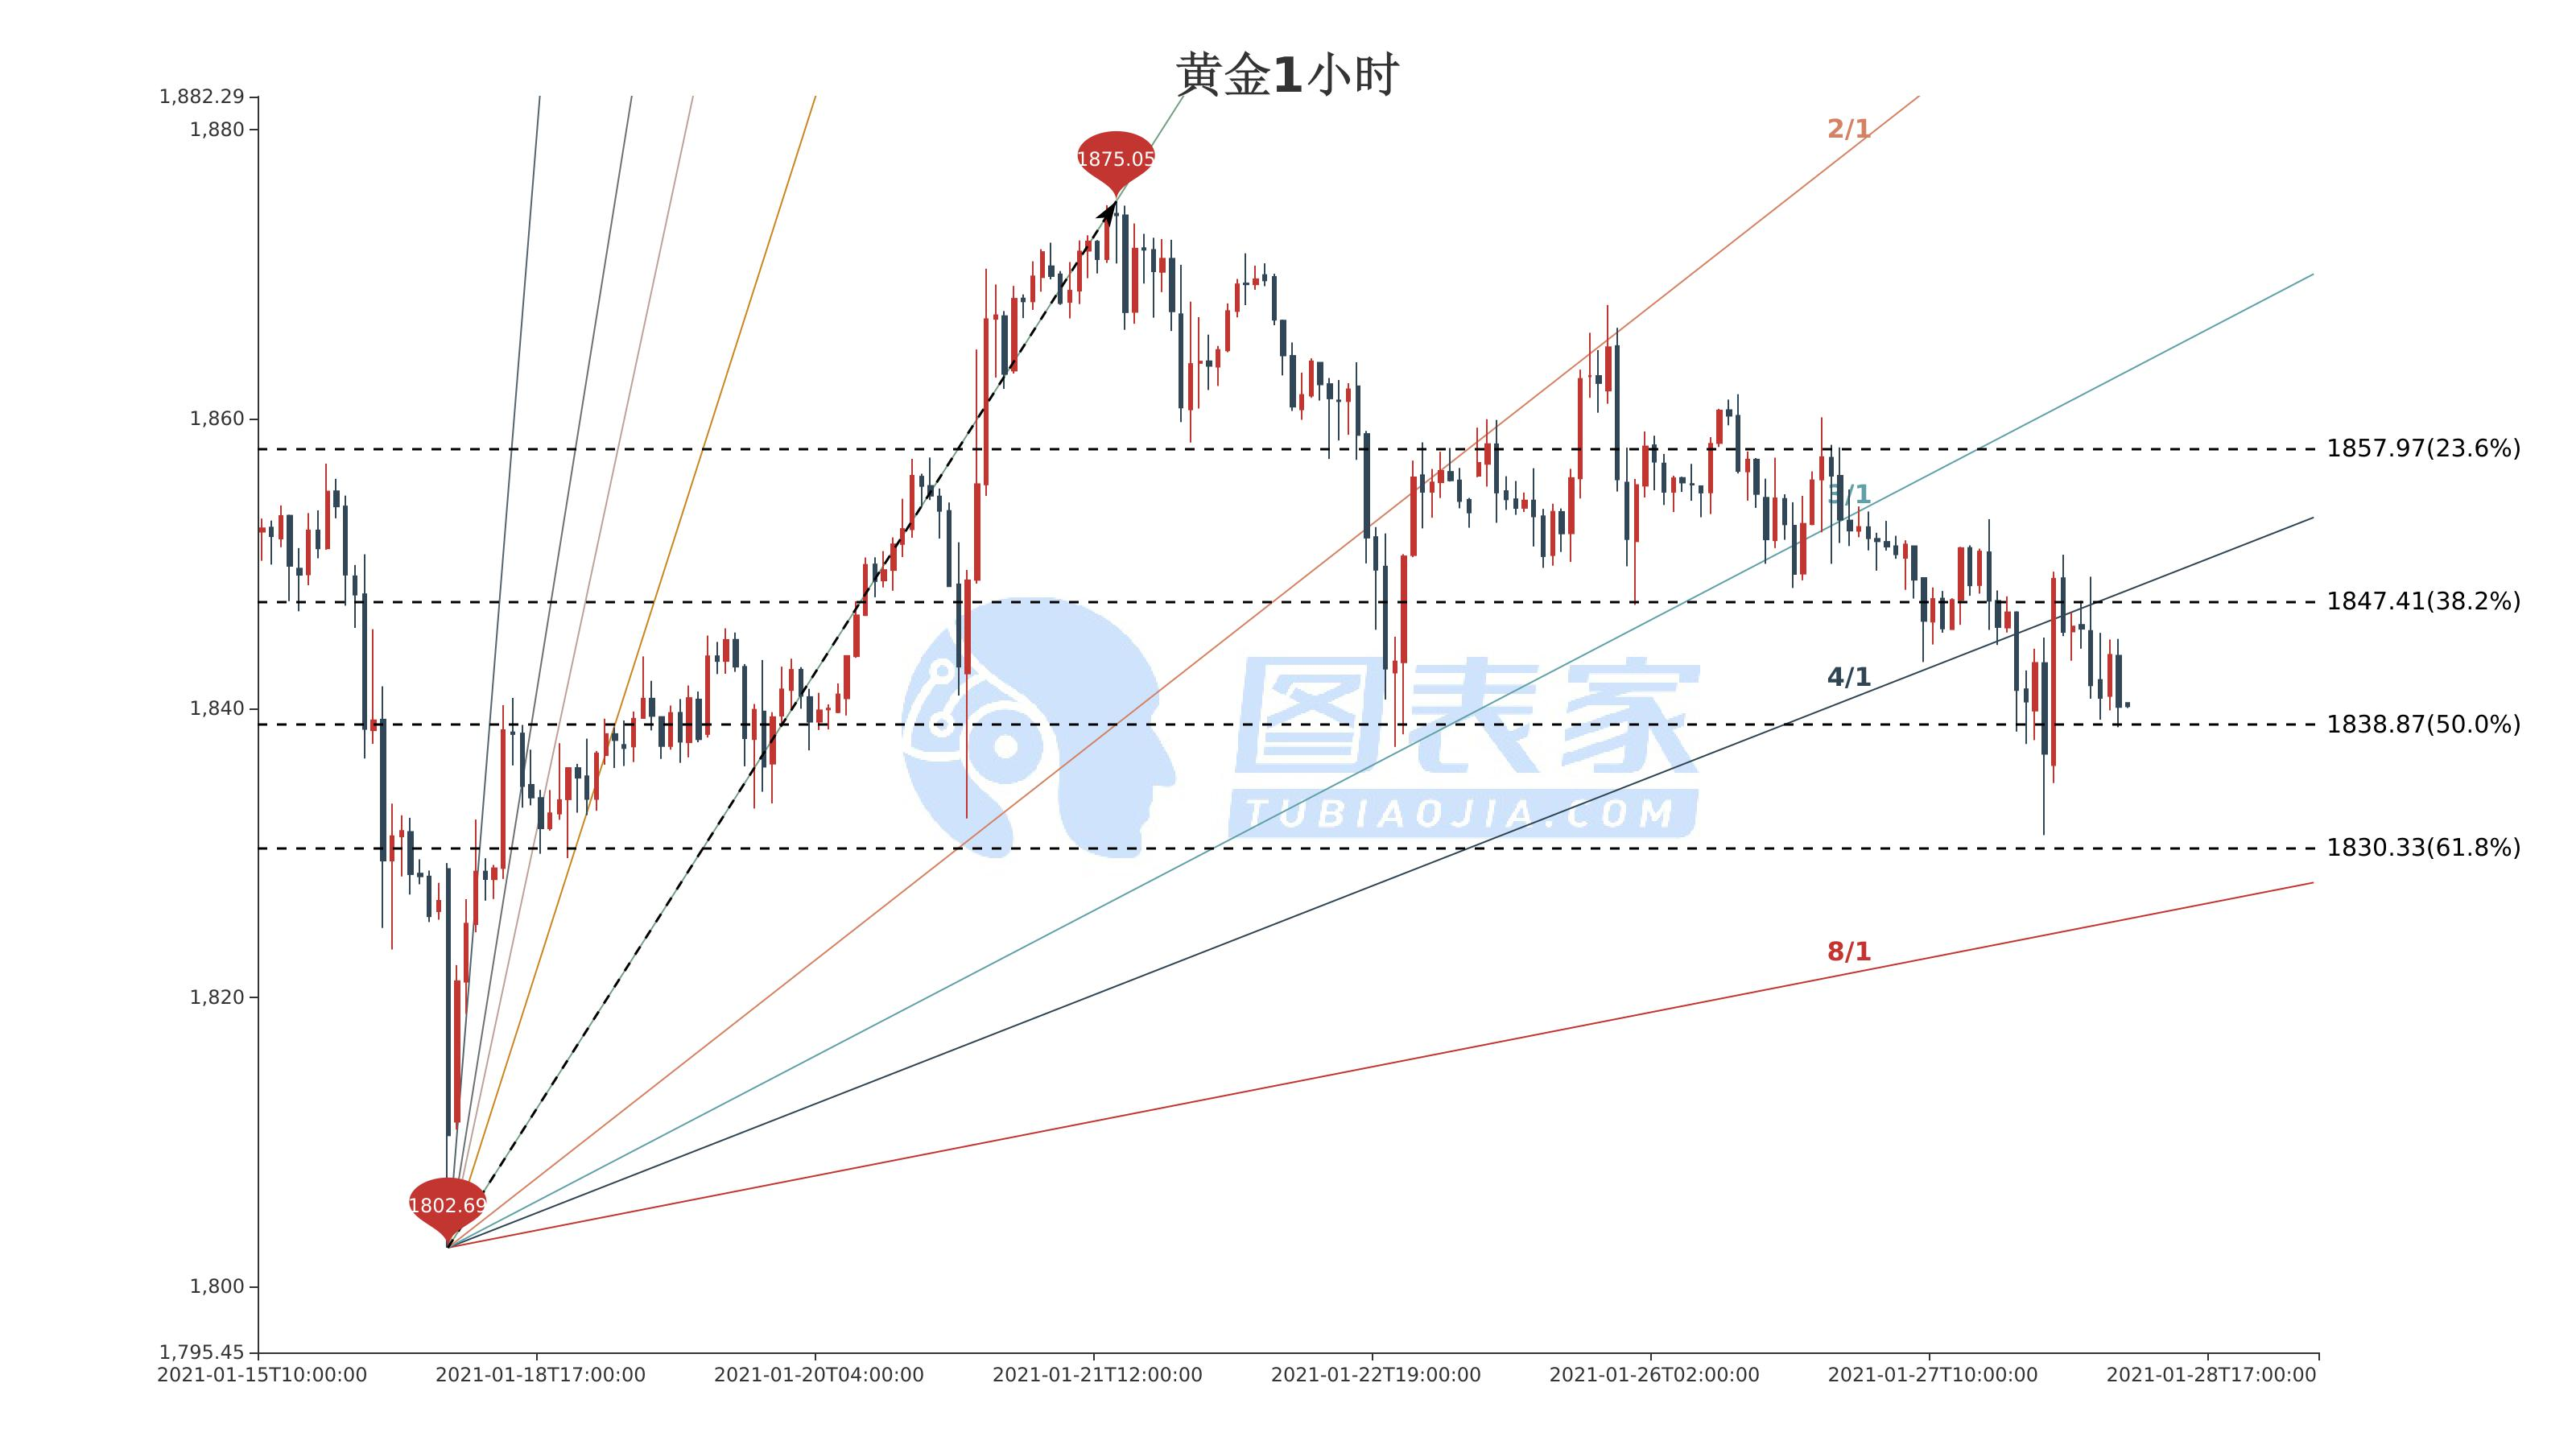 黄金价格走势分析:黄金延续跌势,跌破1838.87则继续看跌至1830.33